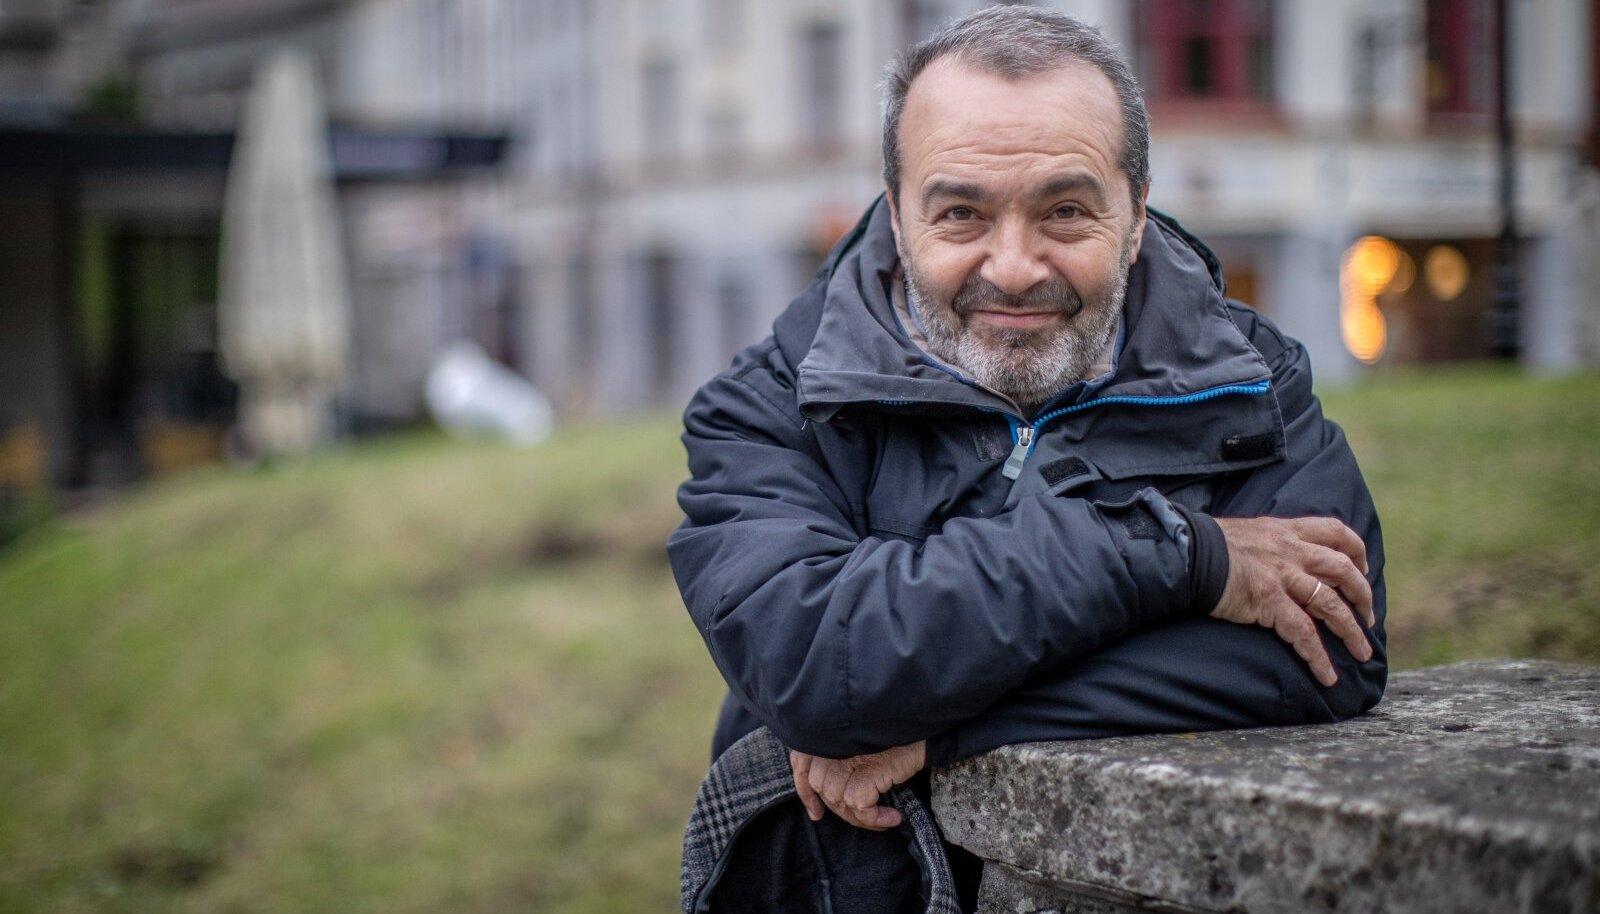 Viktor Šenderovitš ütleb, et kui Putin võimult lahkub ja mitte marionetlikul viisil, nagu oli Medvedeviga, istub ta juba paari kuu pärast kohtualuste pingil.